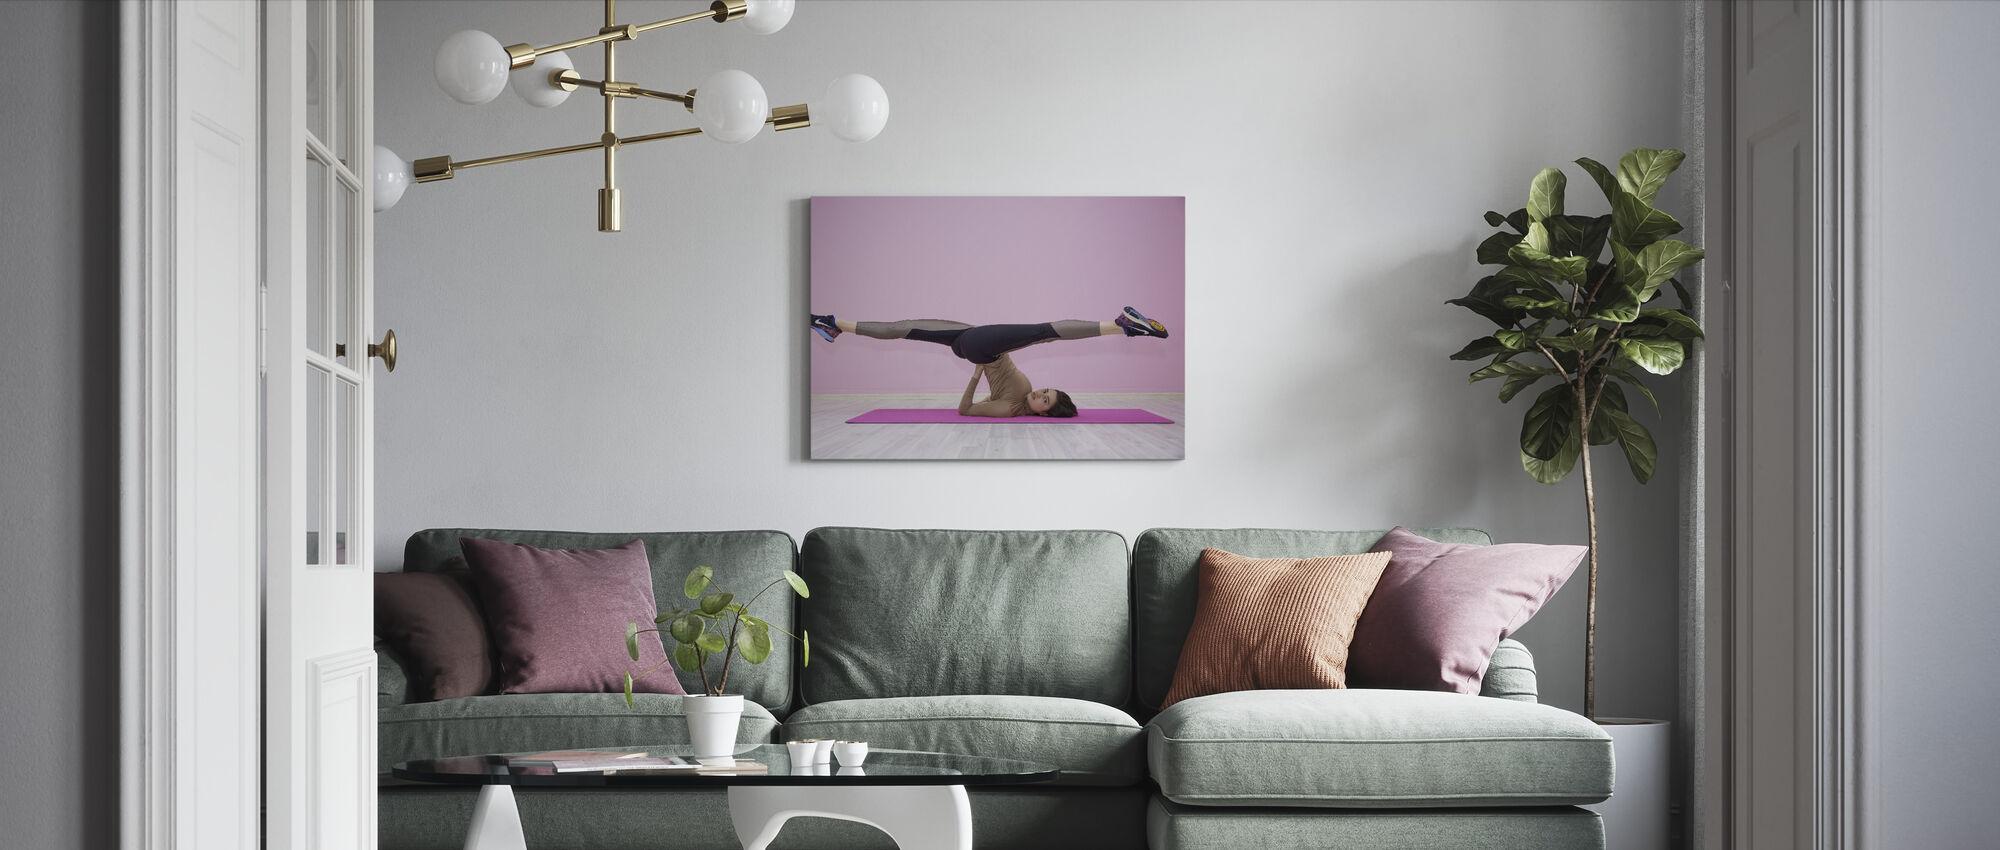 Træning Træning - Billede på lærred - Stue